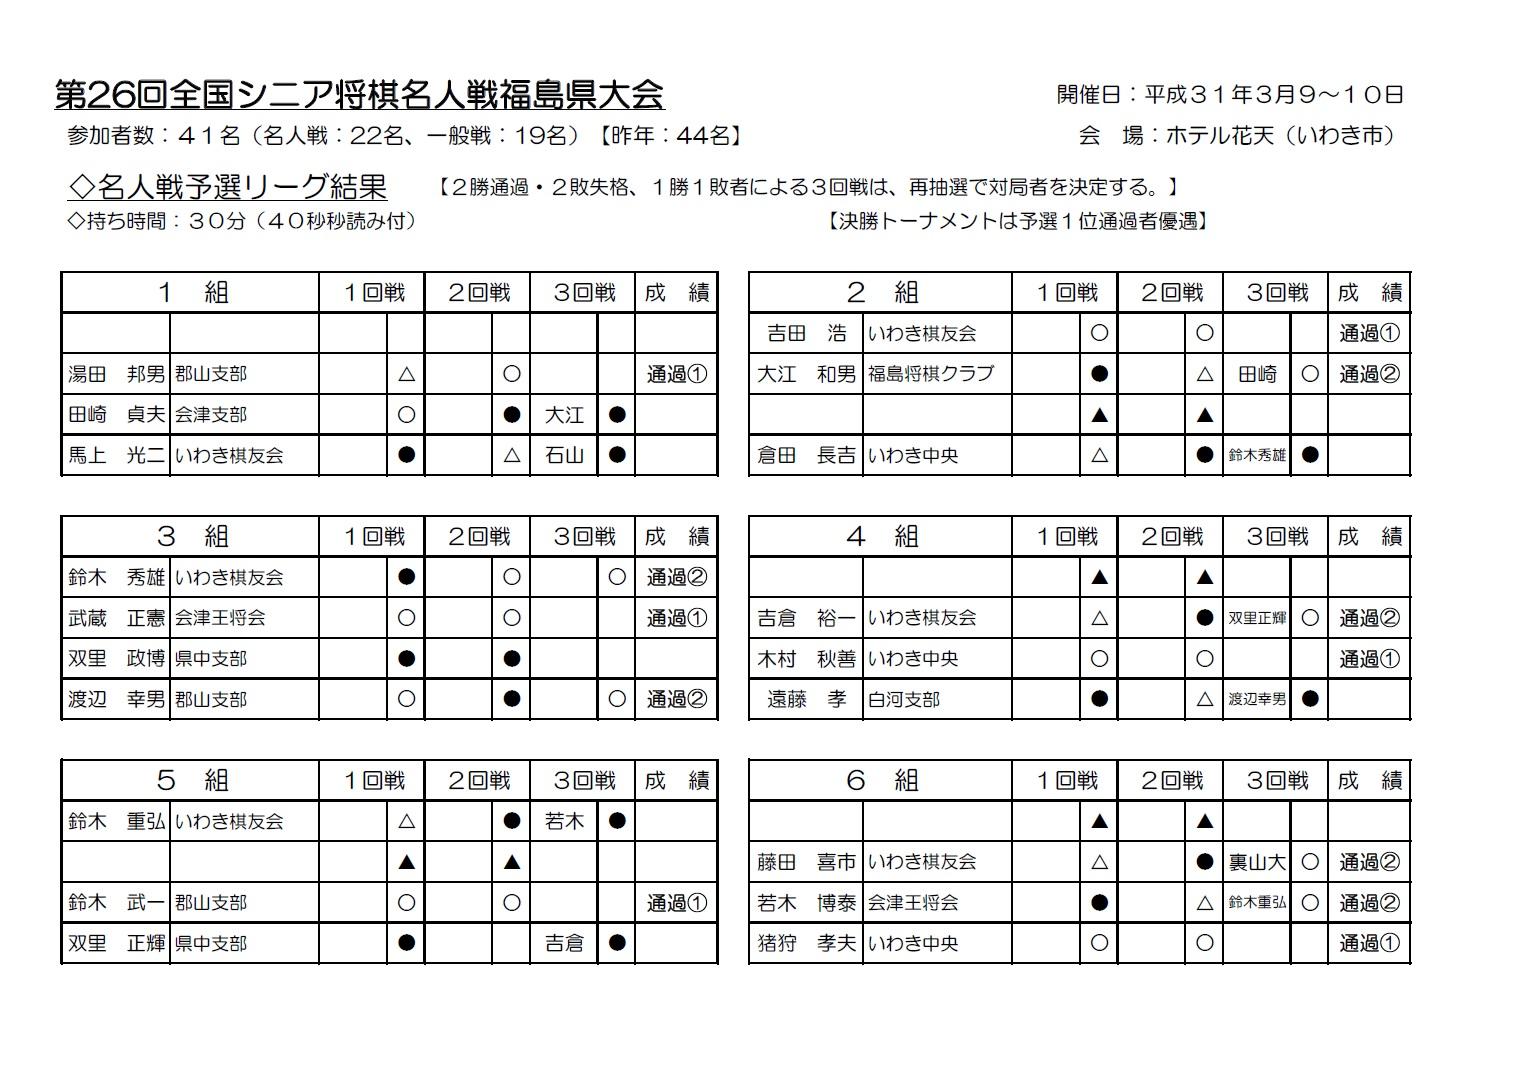 meijin_yosen1_20190310.jpg